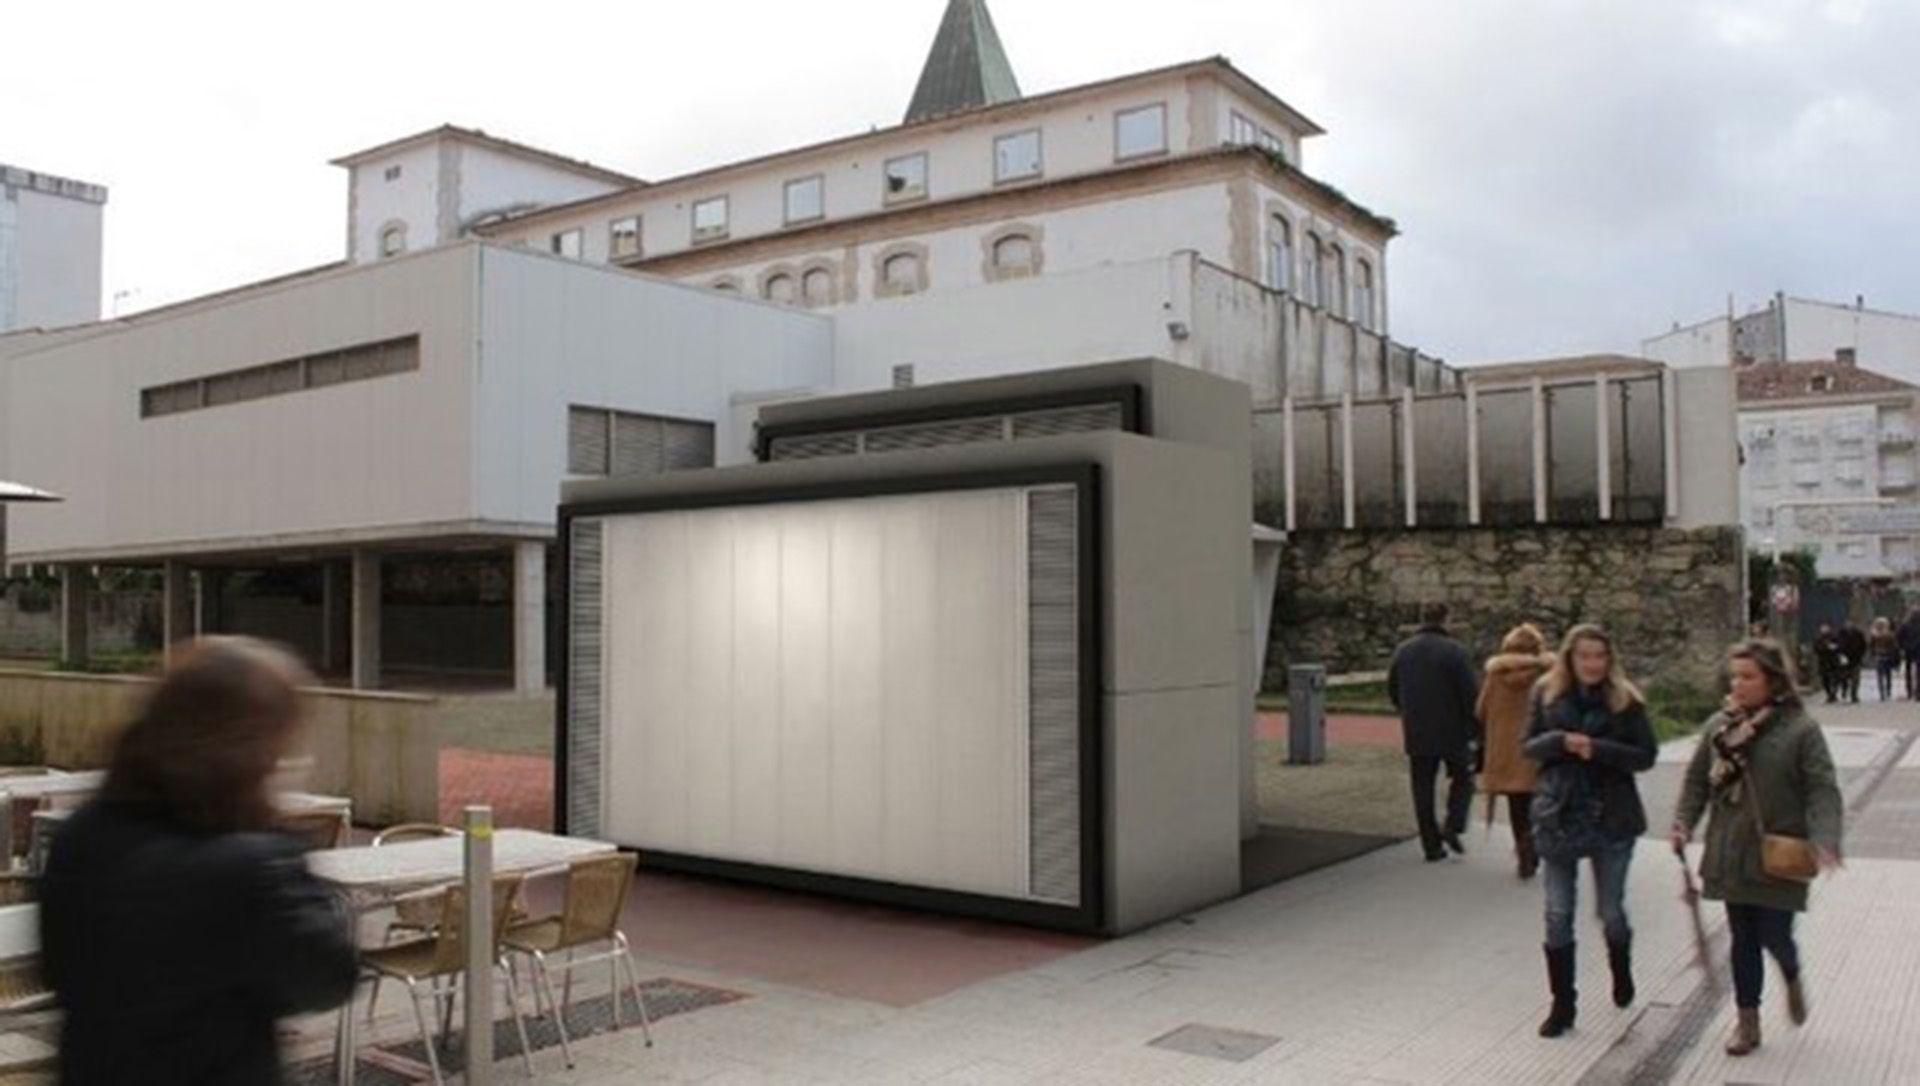 Prototipo de equipamiento urbano mediante marcos prefabricados de hormigón